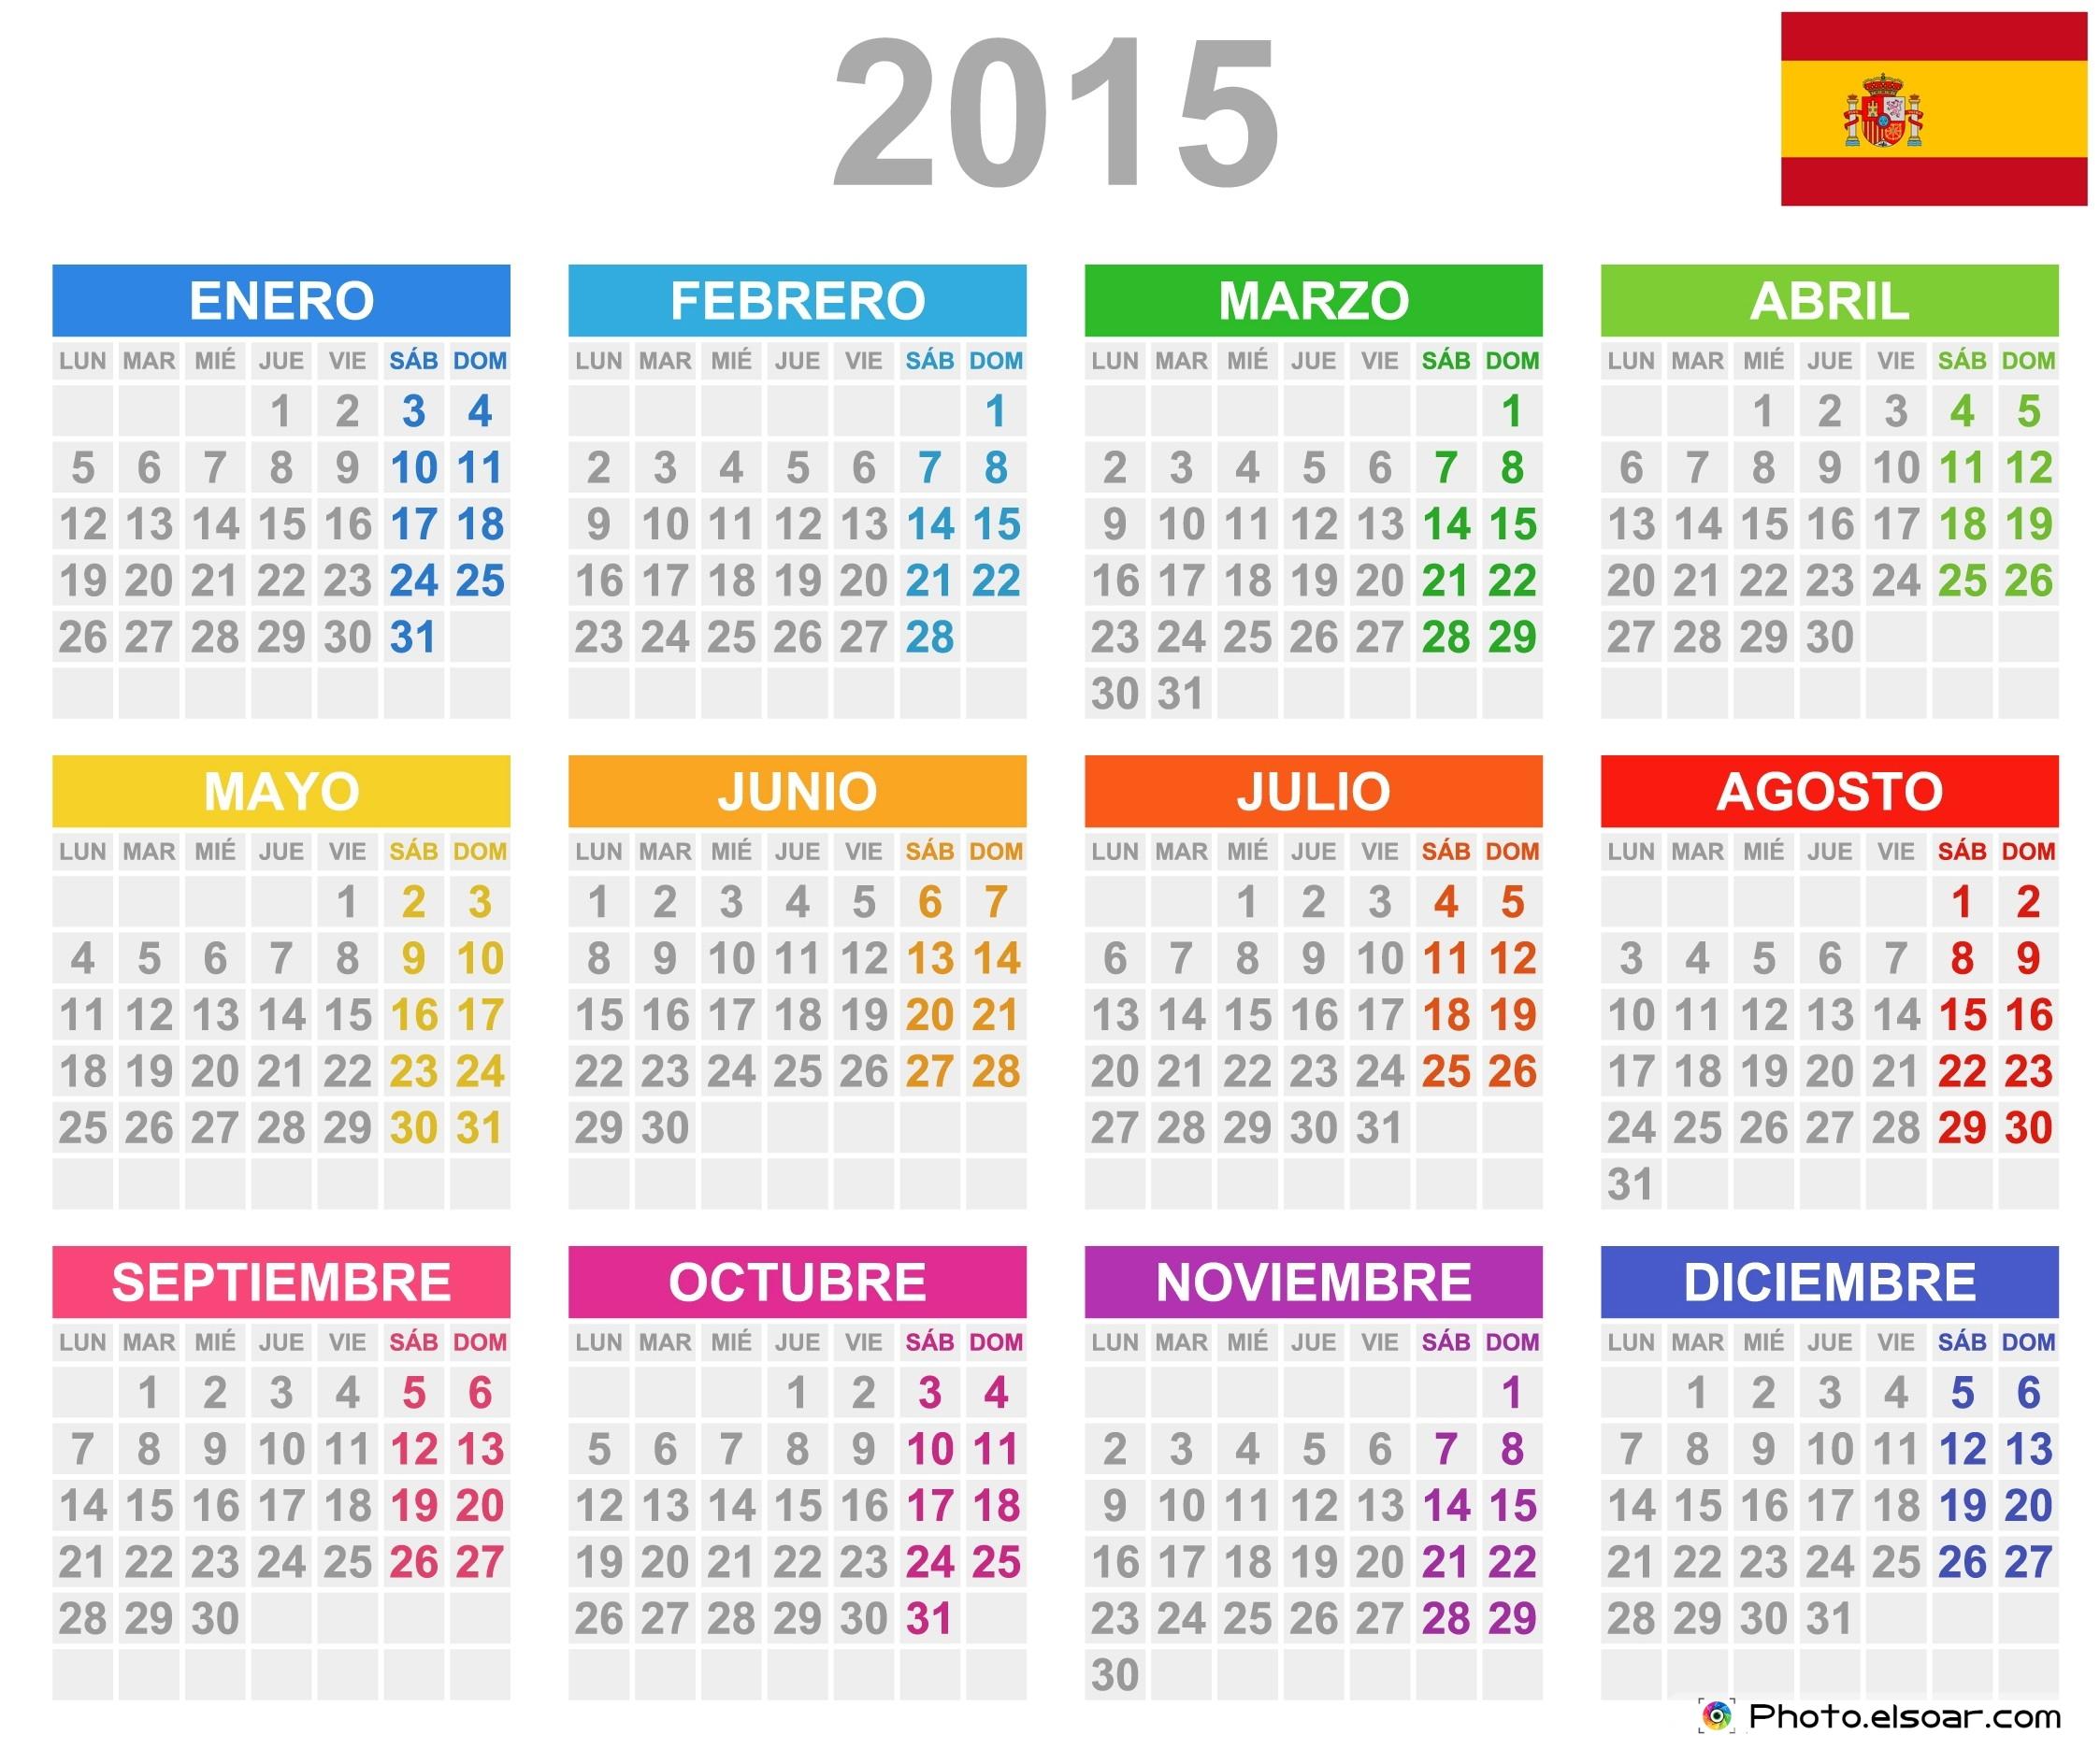 Calendarios) Free Printable Spanish Calendar 2015 Templates ...